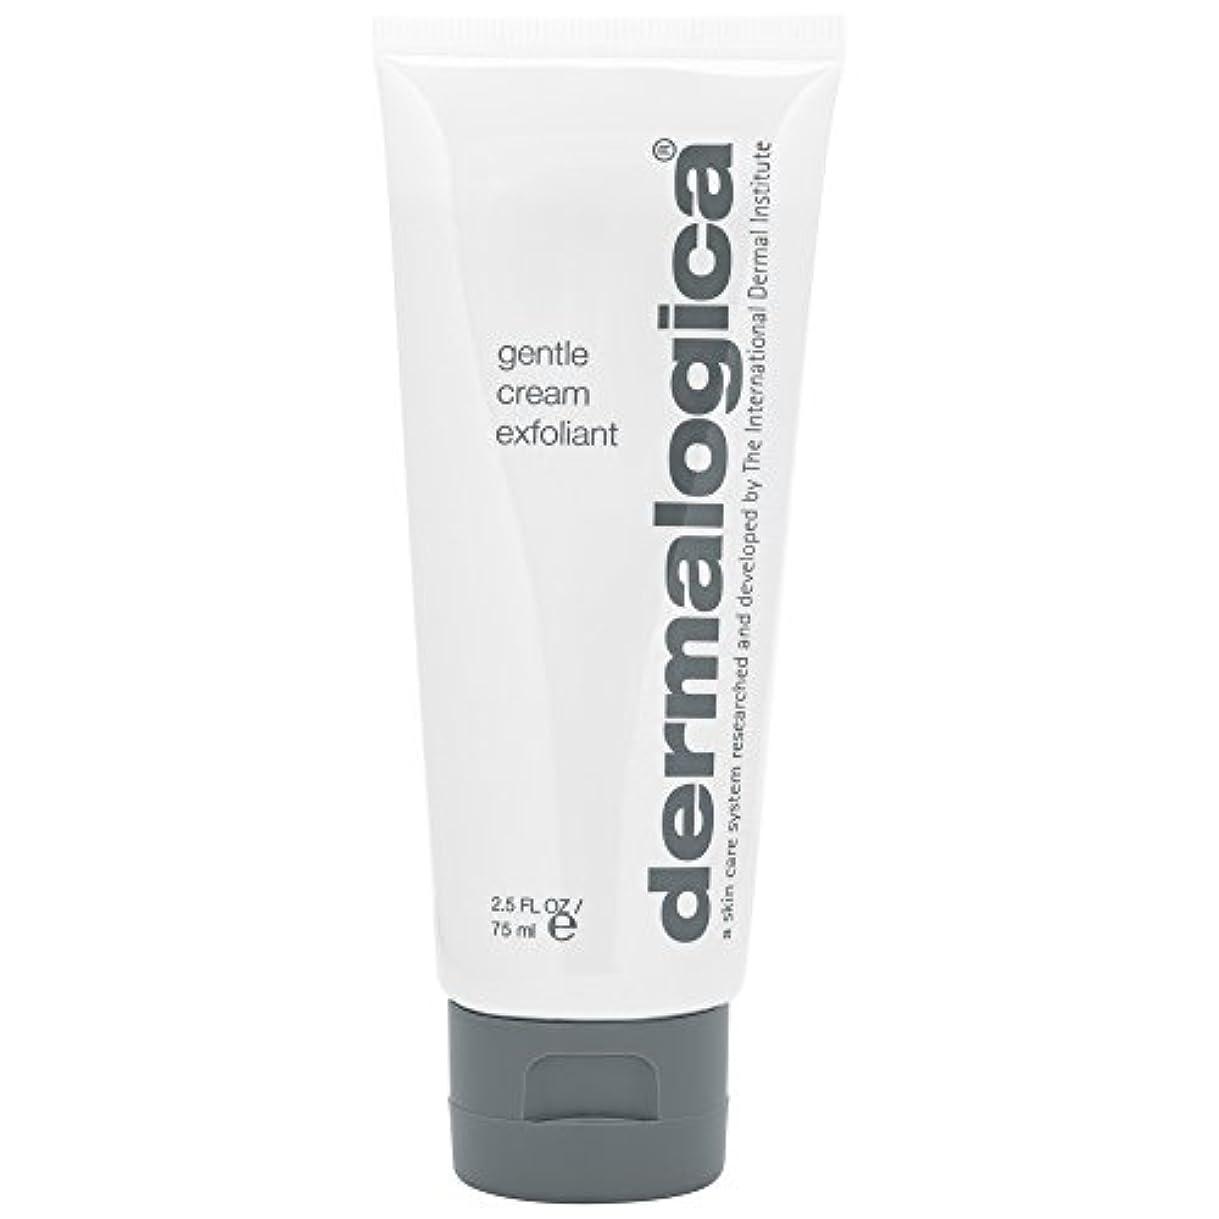 スポークスマンブラウズ彼ダーマロジカ優しいクリーム剥脱75ミリリットル (Dermalogica) (x6) - Dermalogica Gentle Cream Exfoliant 75ml (Pack of 6) [並行輸入品]